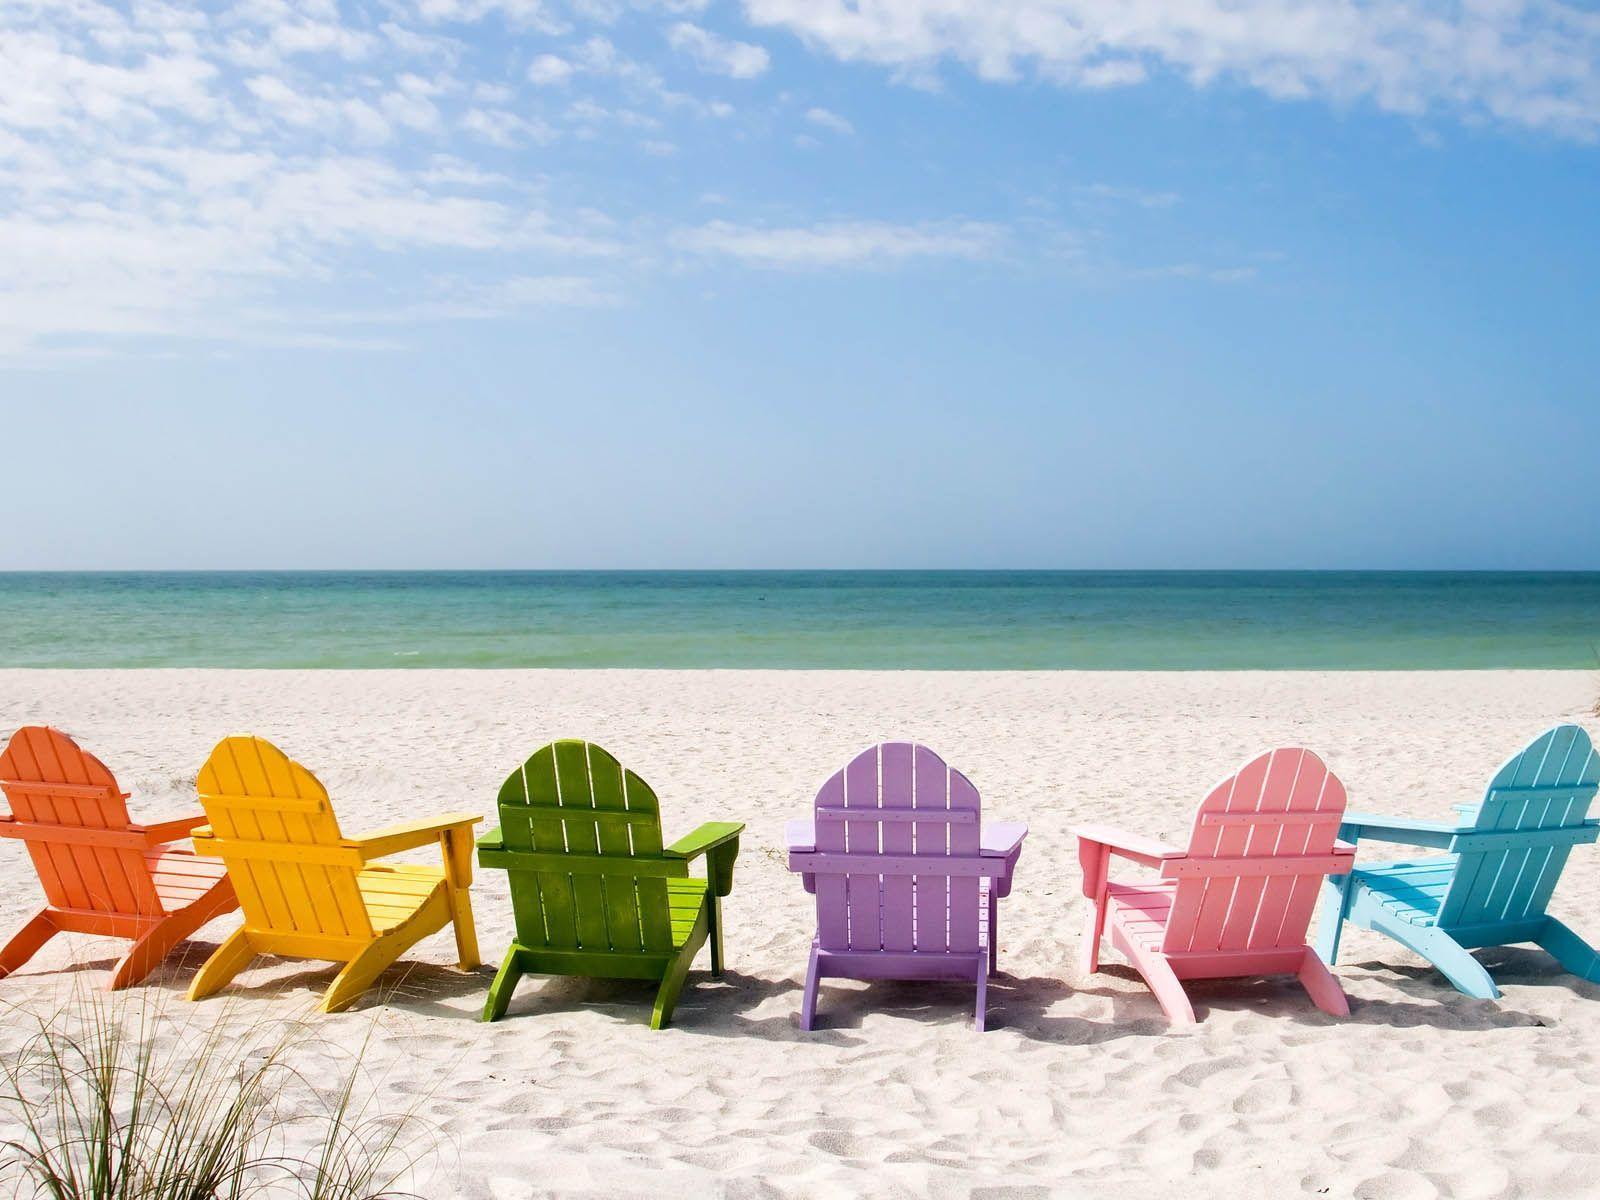 Beach Scenes Desktop Wallpapers Top Free Beach Scenes Desktop